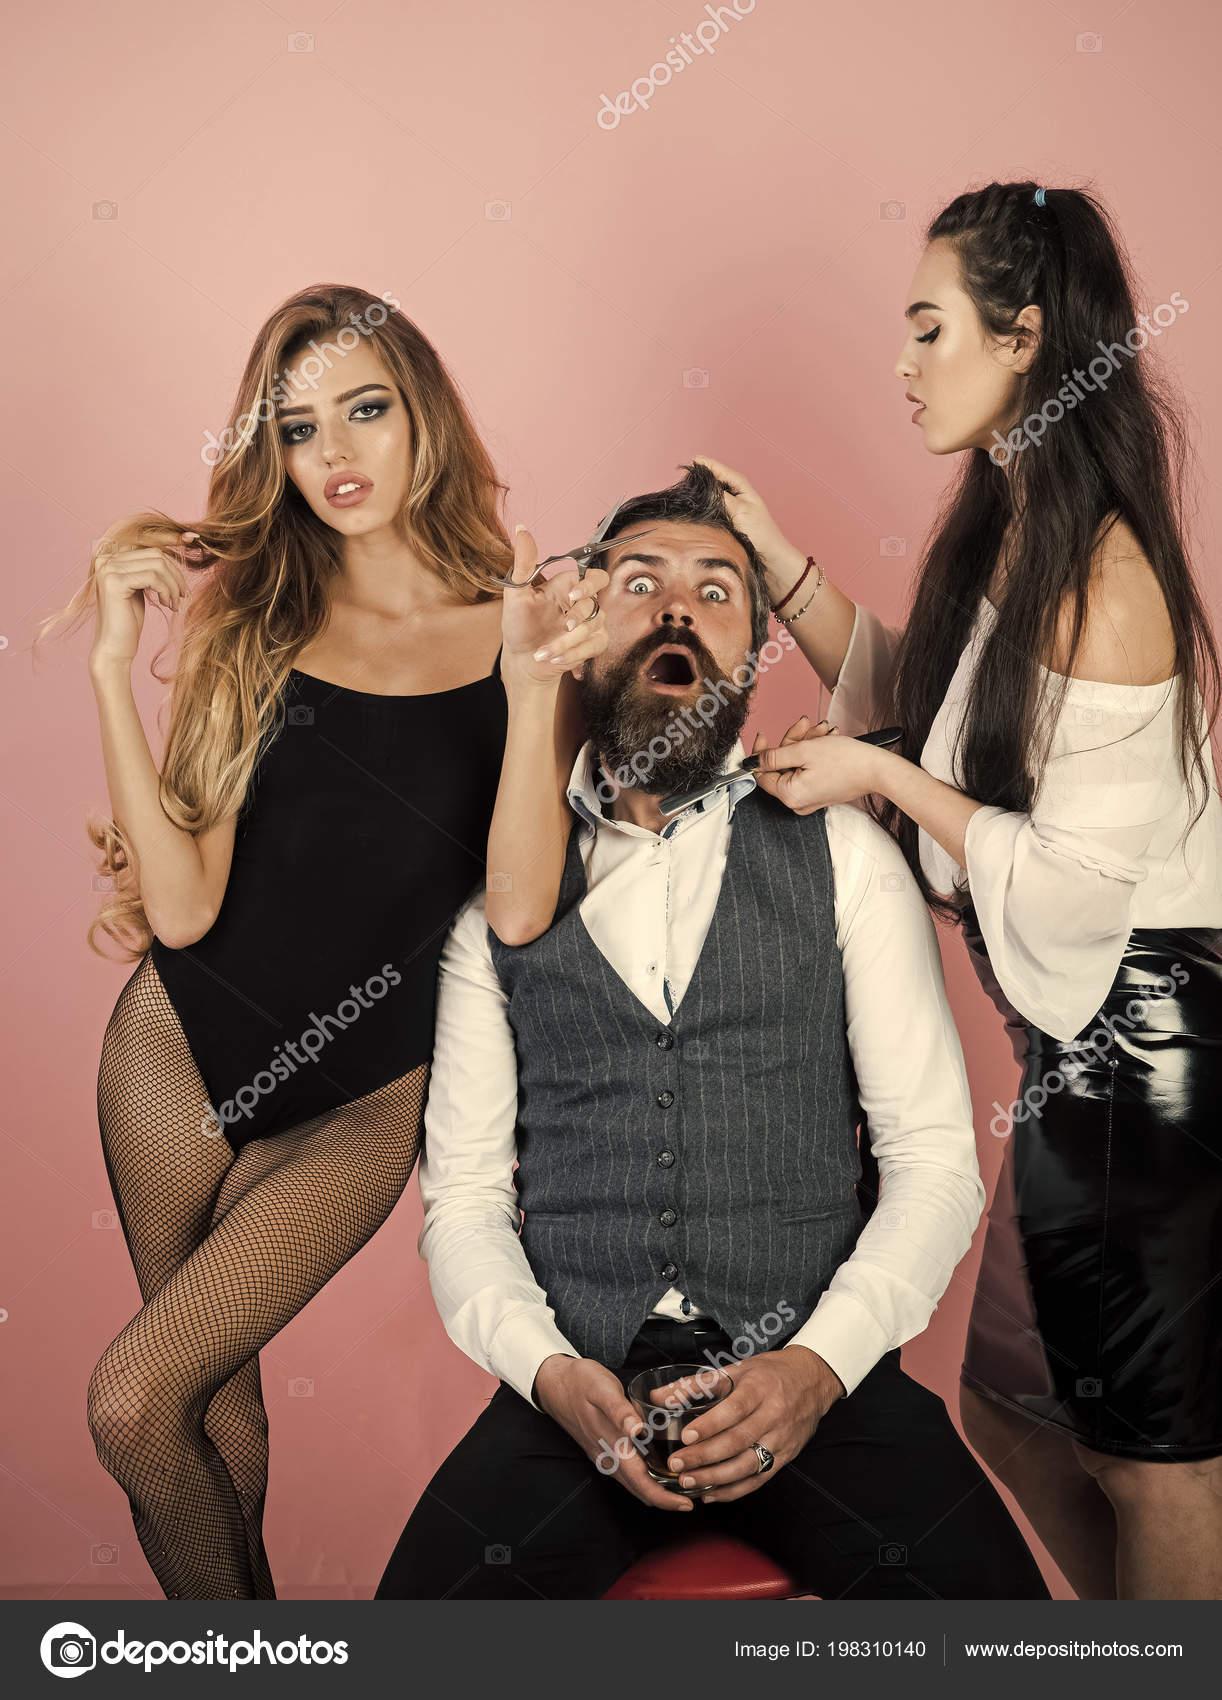 histoires de sexe sur les adolescents